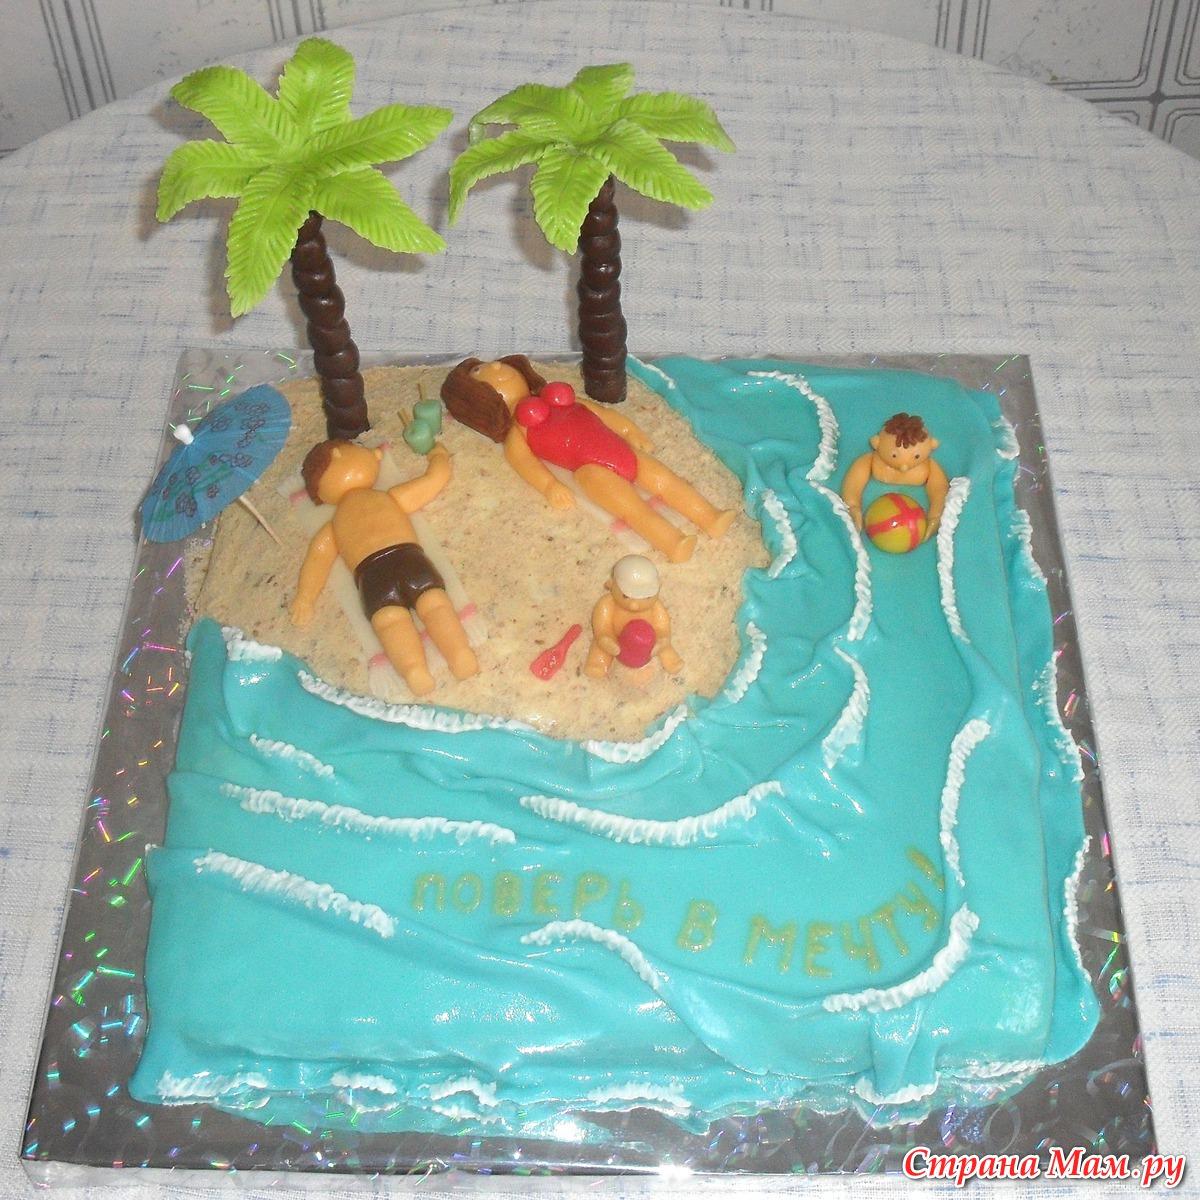 пальма картинки торт добывающей организацией министерством